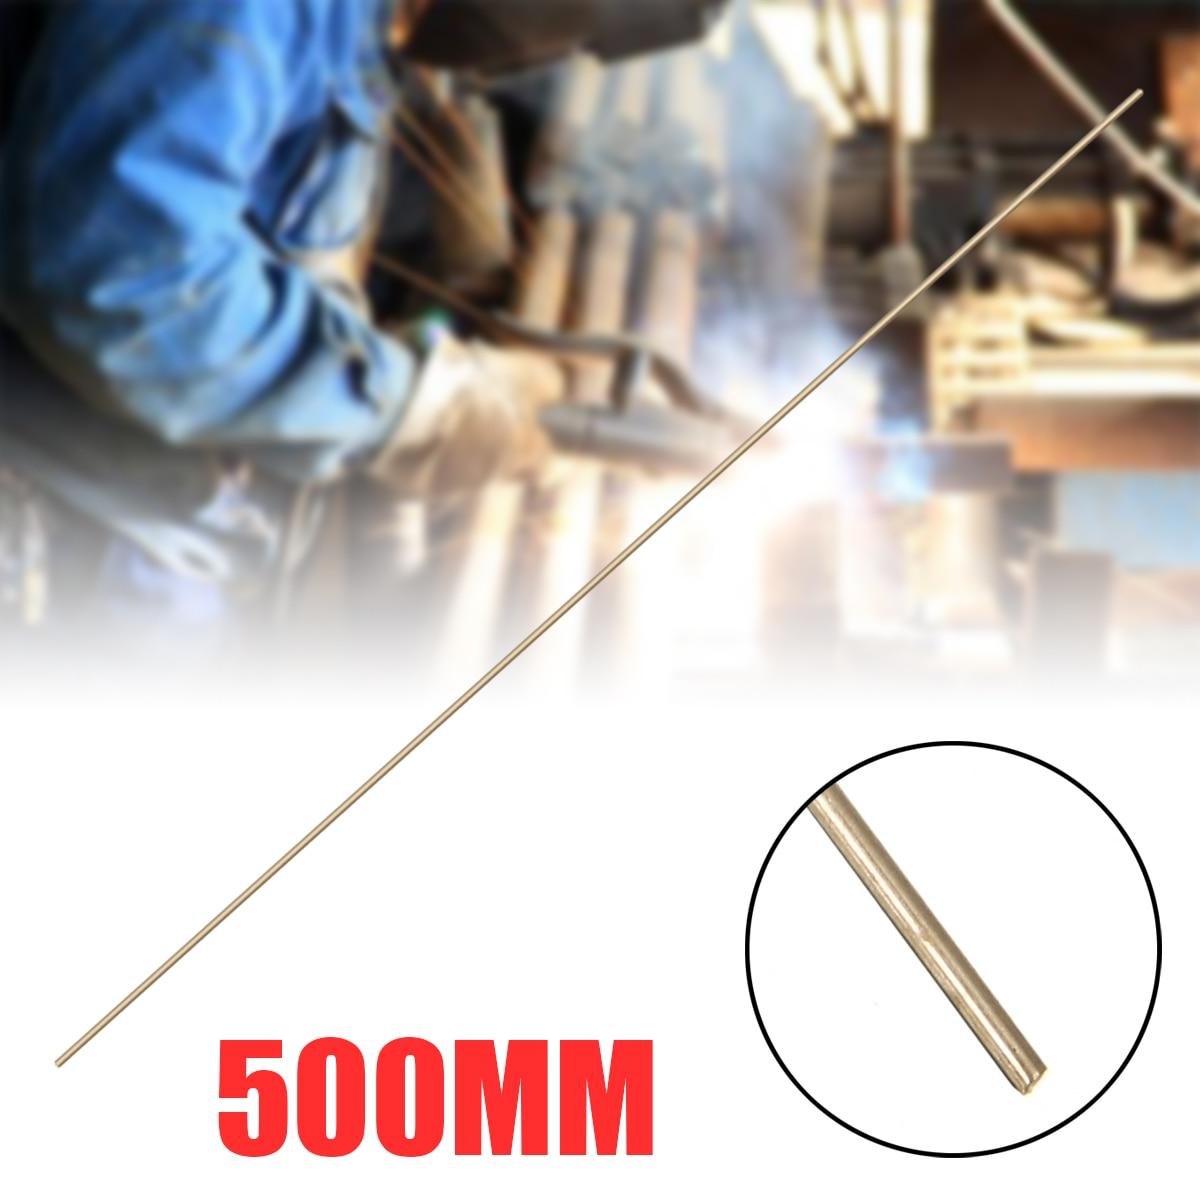 500 мм припой стержень 1,5 мм диаметр серебряный припой стержень 56% серебряный сварочный стержень серебряный припой на основе